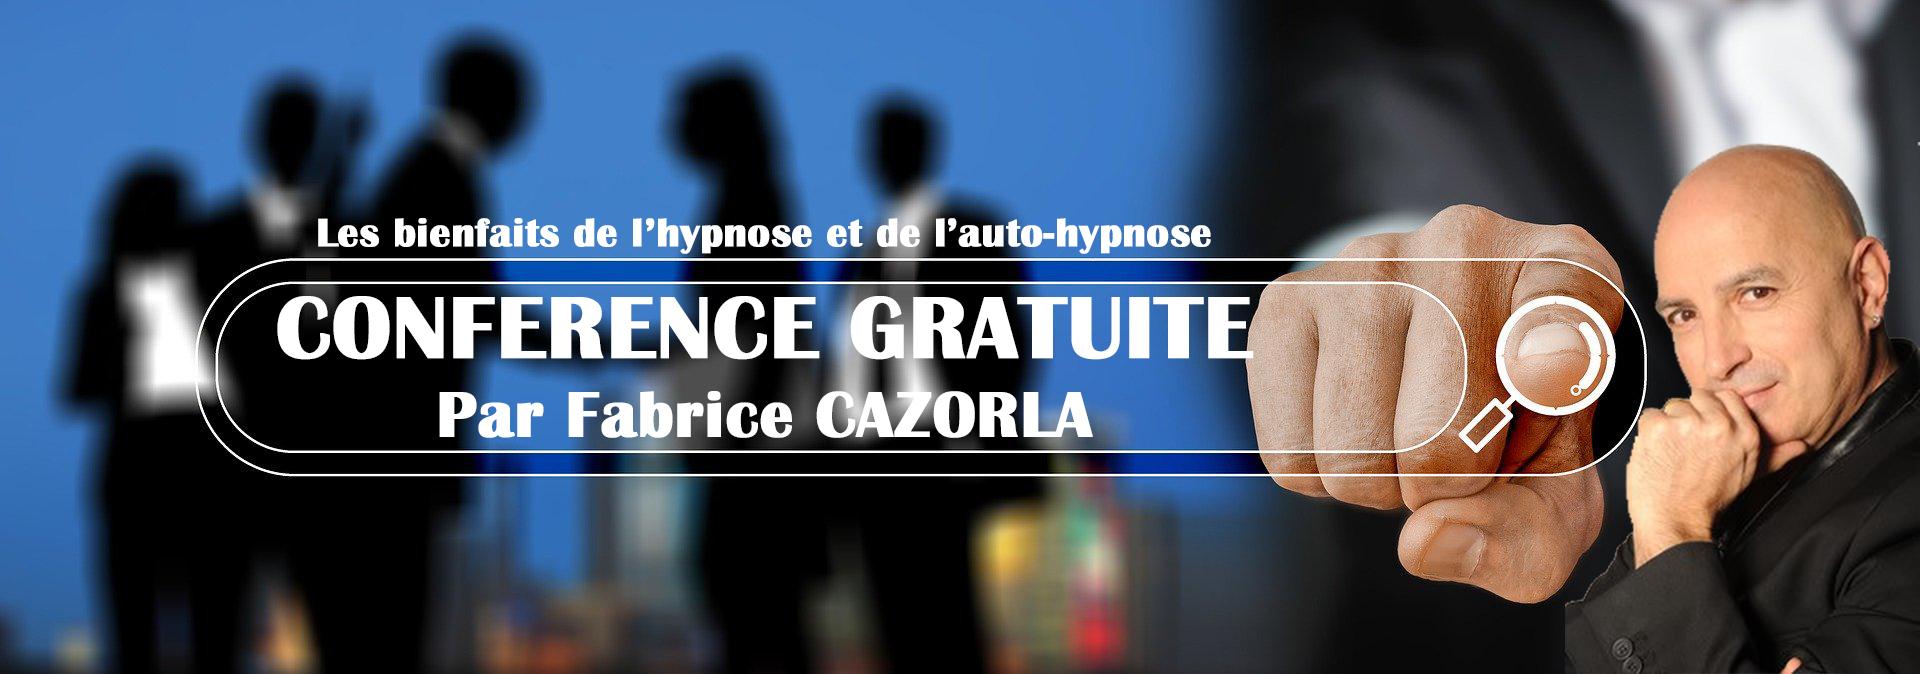 WEB-CONFÉRENCE GRATUITE sur l'Hypnose et l'Auto-Hypnose par Fabrice CAZORLA